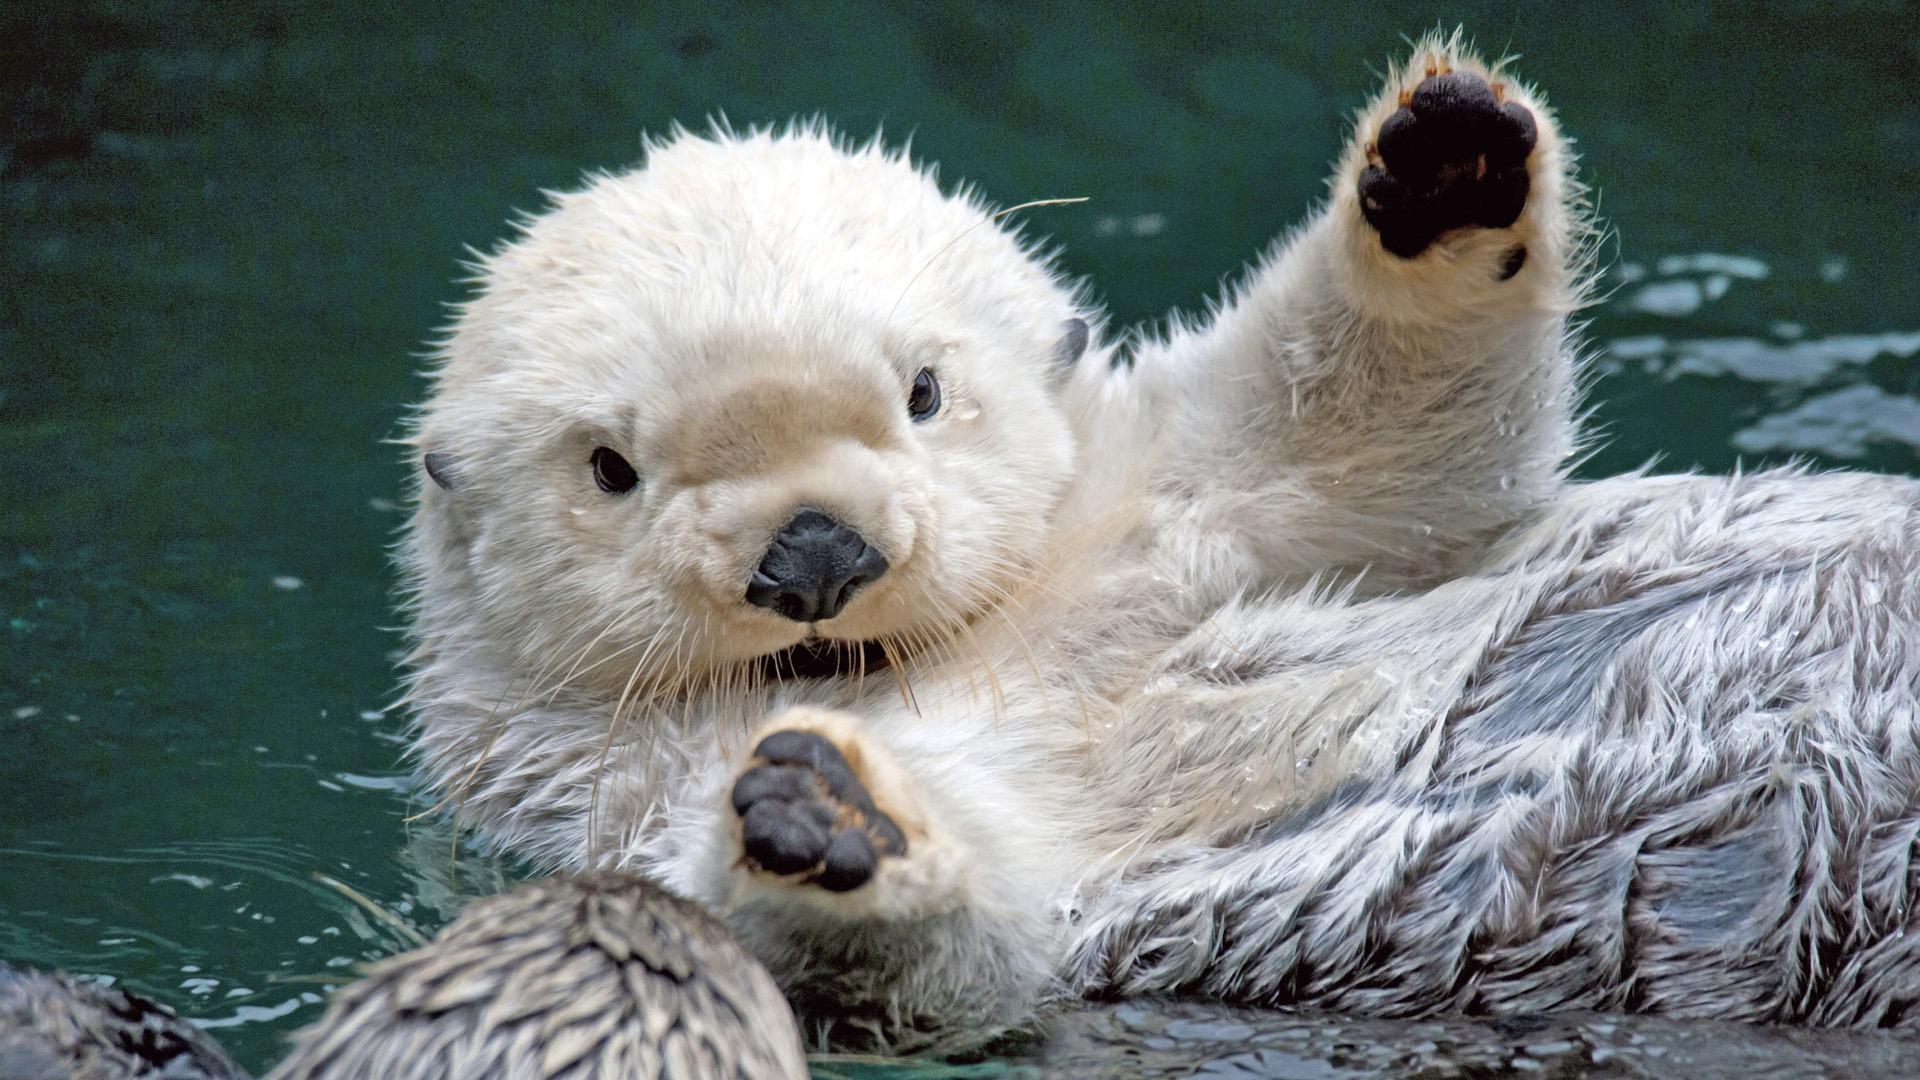 Sea Otter Desktop HD Wallpapers-2